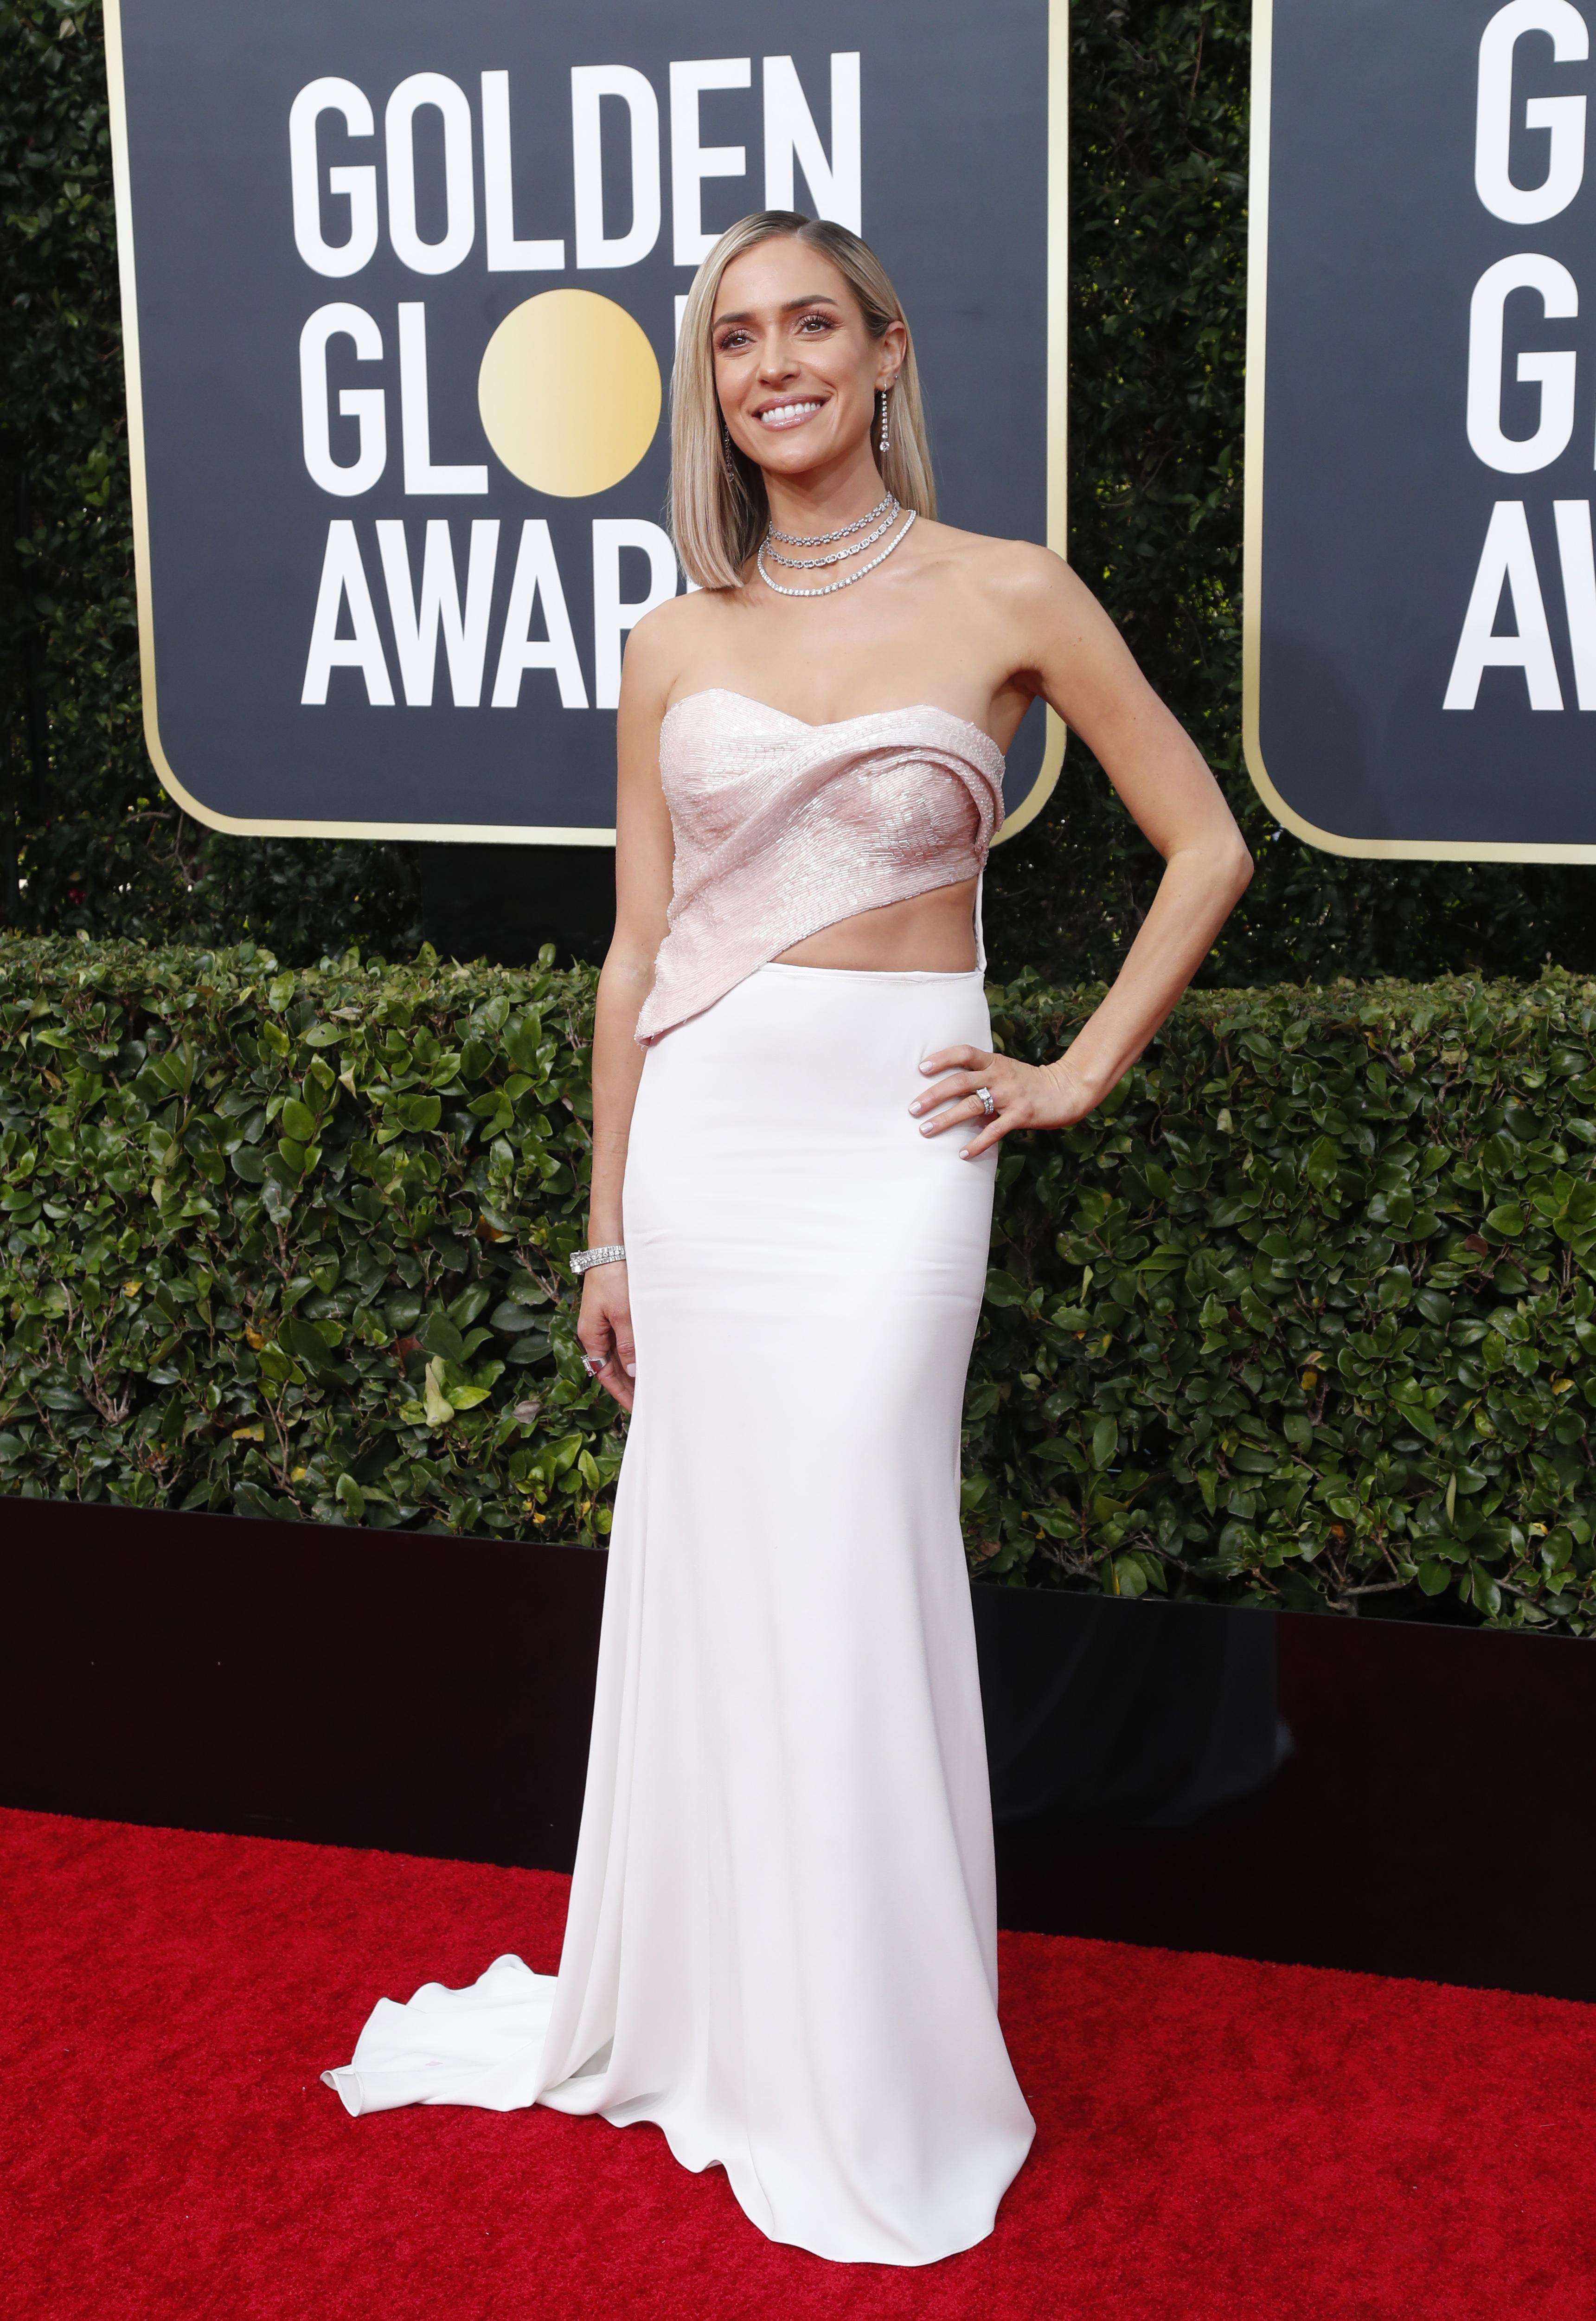 Kristin Cavallari apostó por un conjunto de dos piezas. Un corse rosa metalizado y una falda sirena blanca. Completó su look con delicadas gargantillas de cristales, brazaletes y anillos